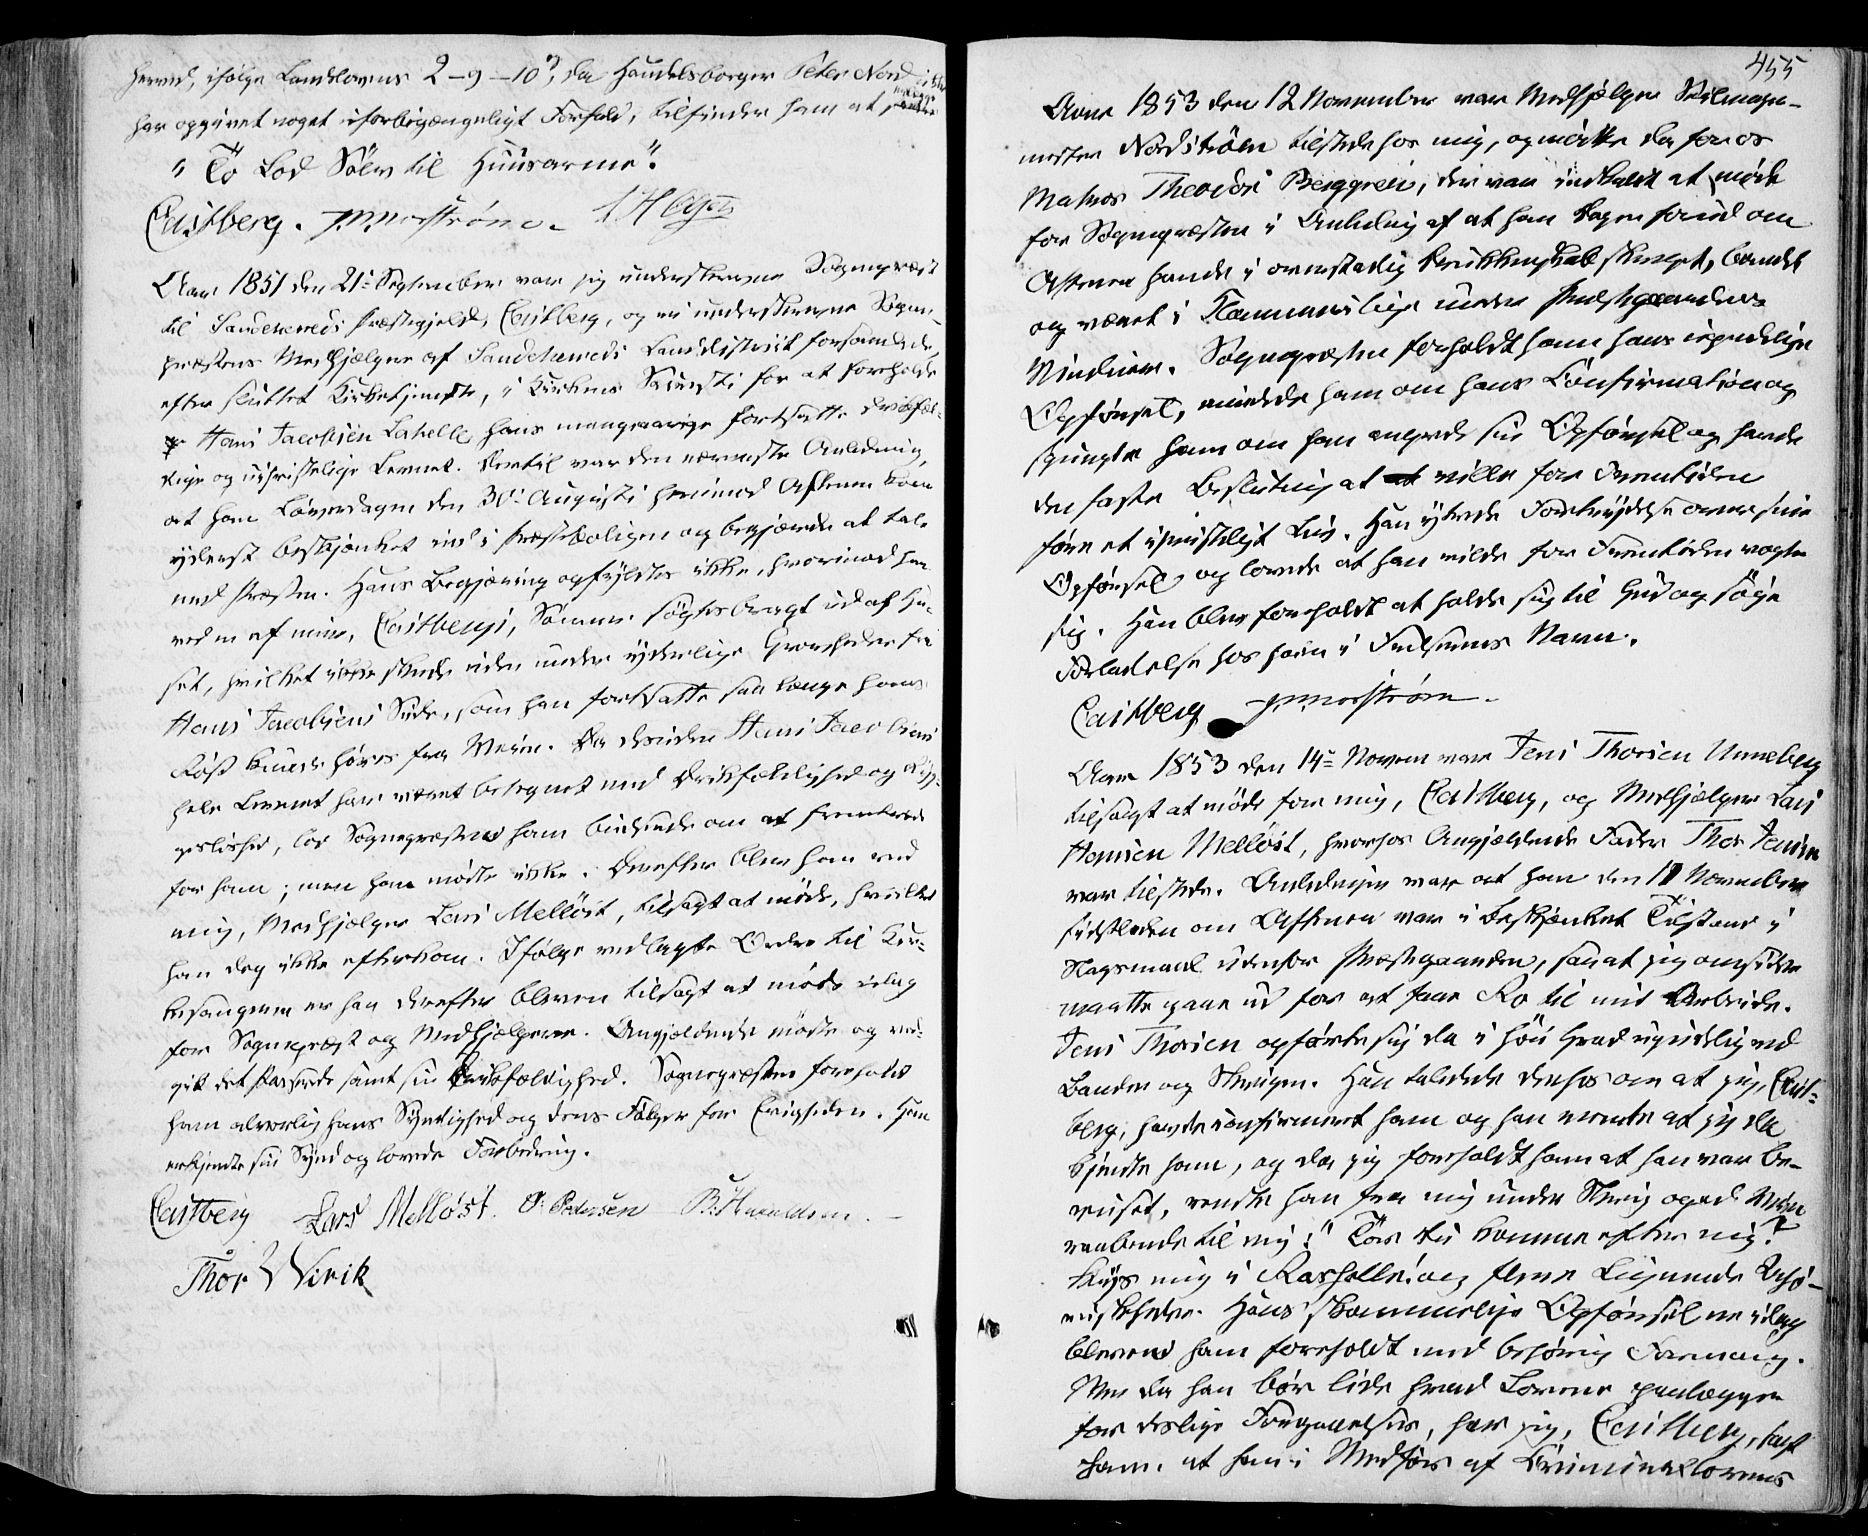 SAKO, Sandar kirkebøker, F/Fa/L0006: Ministerialbok nr. 6, 1847-1860, s. 455